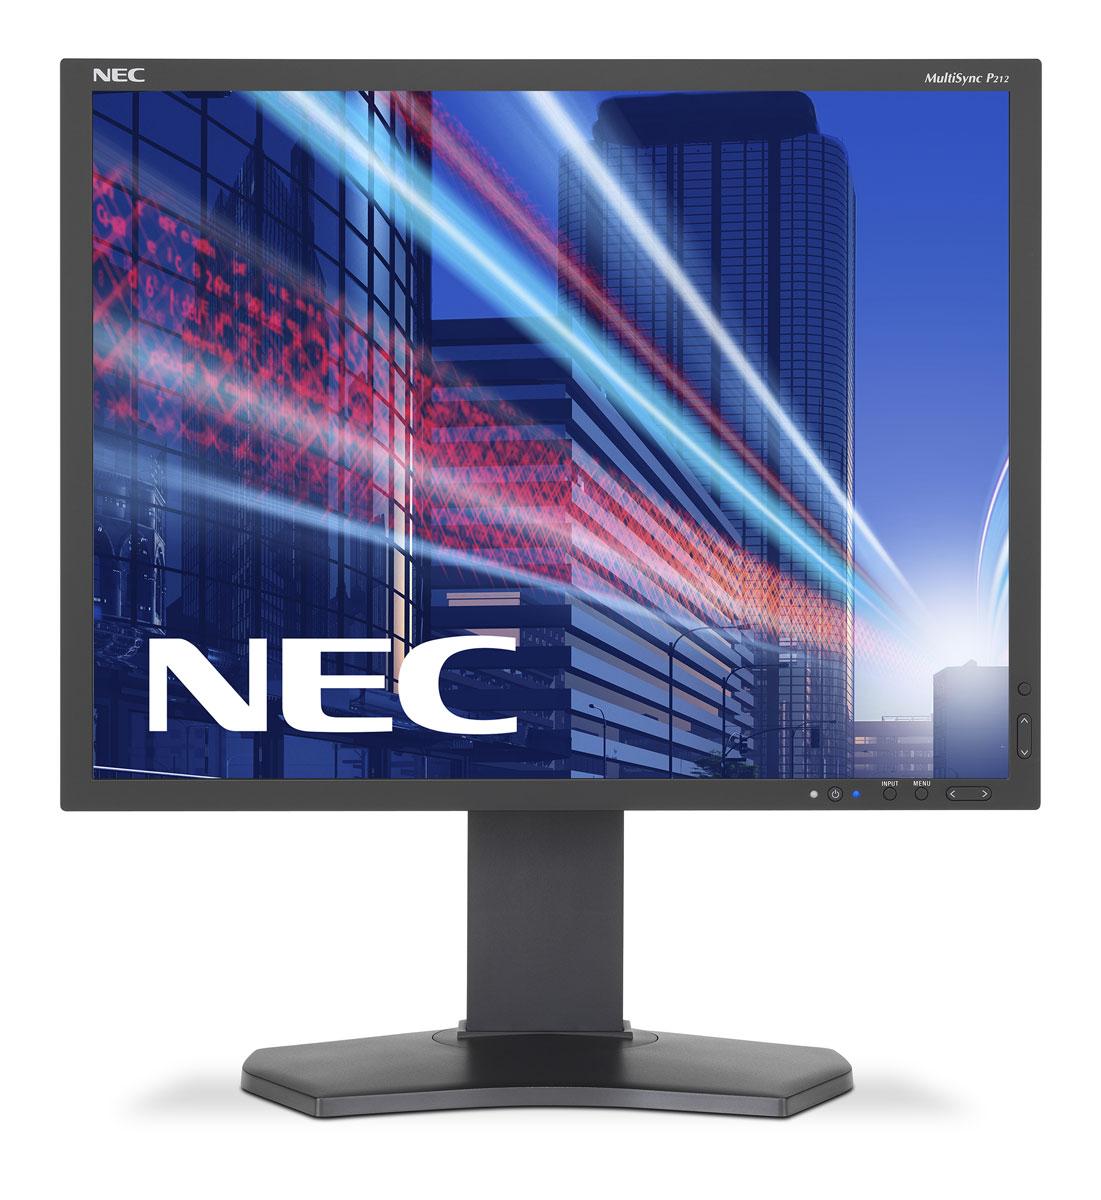 NEC P212-BK, Black монитор60003862Профессиональный настольный дисплей NEC P212 в IPS-исполнении предоставляет бескомпромиссное качество изображения, а также оказывает меньшее воздействие на окружающую среду на протяжении всего срока службы.Великолепное цветовое воспроизведение, лучшие в своем классе эргономические характеристики, встроенный счетчик уровня экономии выбросов углекислого газа, датчик внешнего освещения делают данный дисплей идеальным для творческих профессионалов.Идеальный дисплей для работы с САПР/АПП,для финансовой сферы, для работы в диспетчерских в режиме 24/7 и в области точного машиностроения, а также для промышленных приложений (например, NTD) и для всех тех, кто ценит качество визуальной работы.Бескомпромиссное качество изображения – полное управление цветом благодаря IPS, функции Digital Uniformity Control, 14-битной таблице пересчета цветов с возможностью аппаратной калибровки, исполнению SpectraView Engine и управлению калибровкой SpectraView II.Эргономичный офис – регулировка по высоте (150 мм), возможность поворота, наклона и вращения обеспечивает удобную установку с учетом индивидуальных требований пользователя.